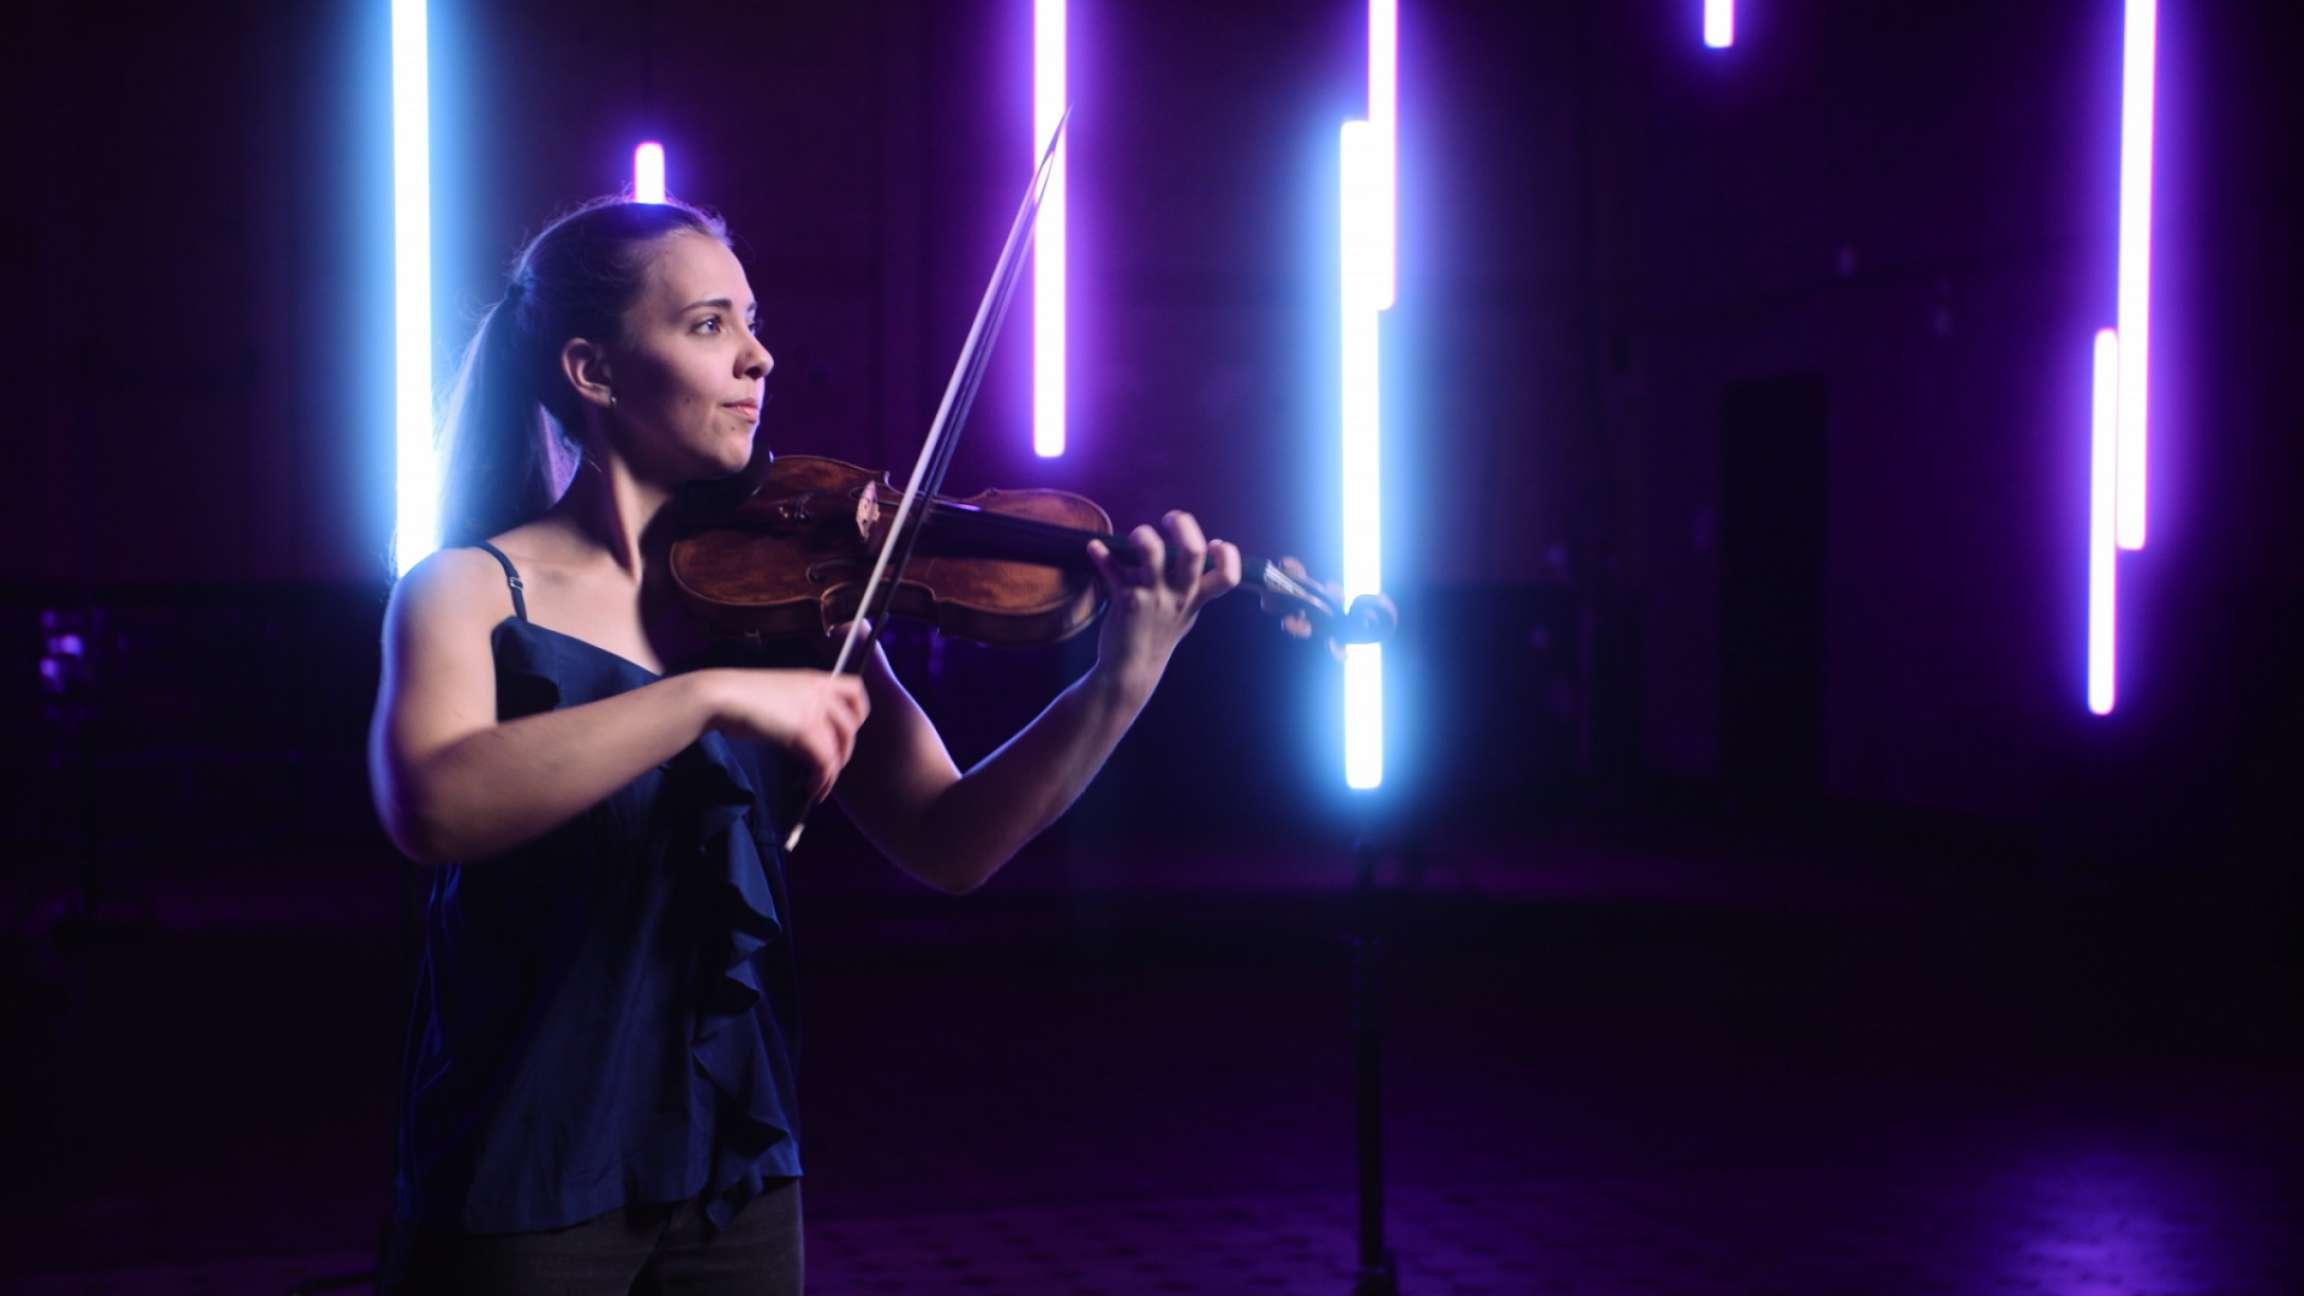 Allemande from Violin partita no. 1 in B minor